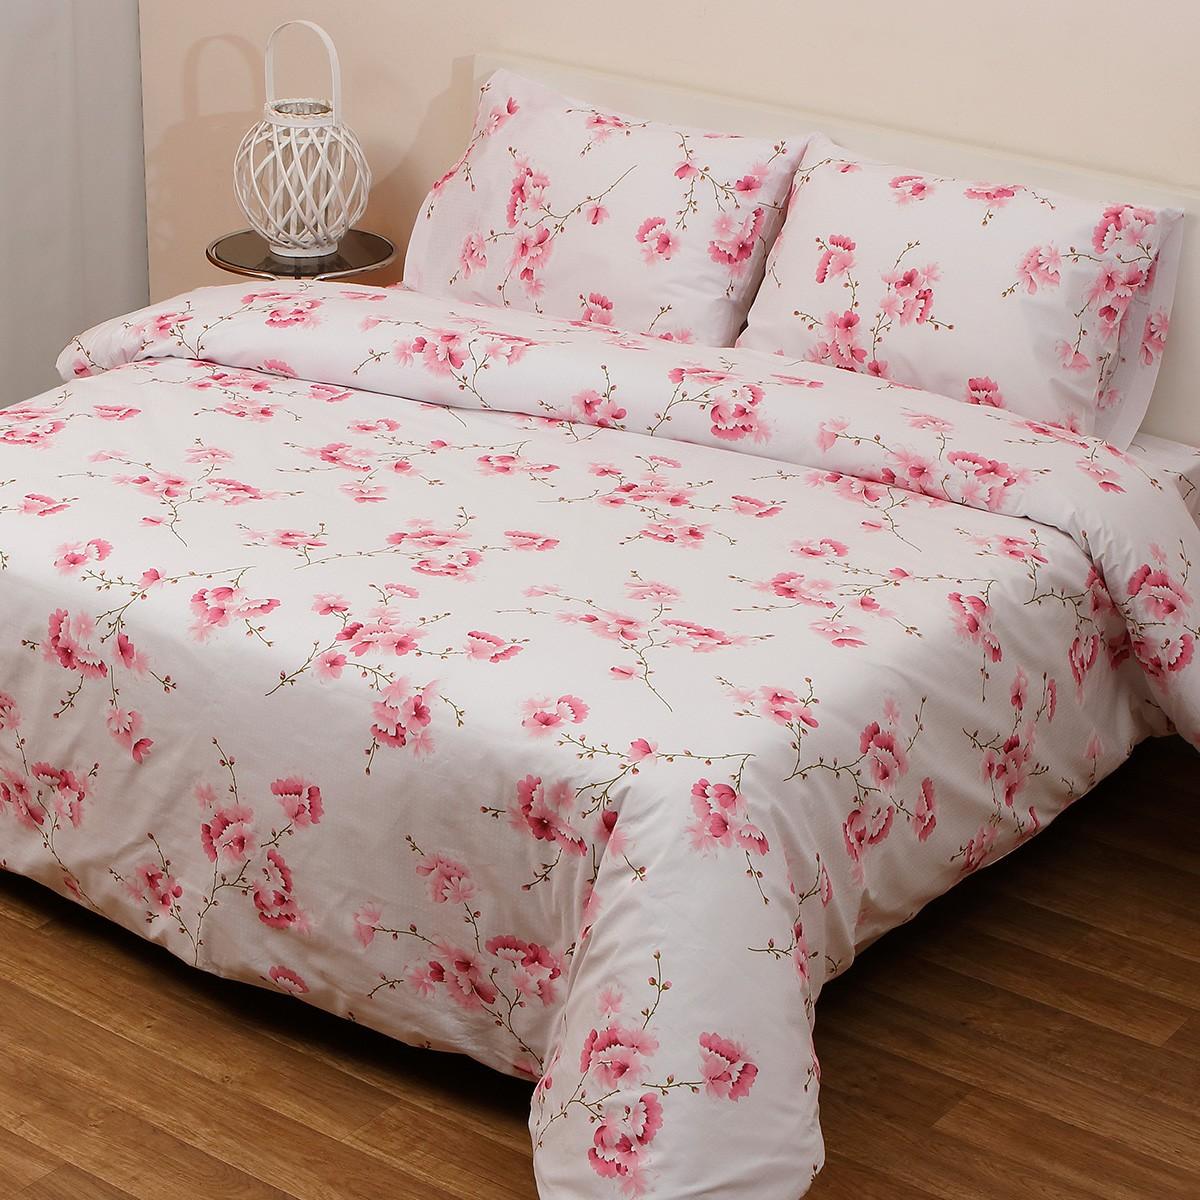 Κουβερλί Μονό (Σετ) Viopros Fresh Άλισον home   κρεβατοκάμαρα   κουβερλί   κουβερλί μονά